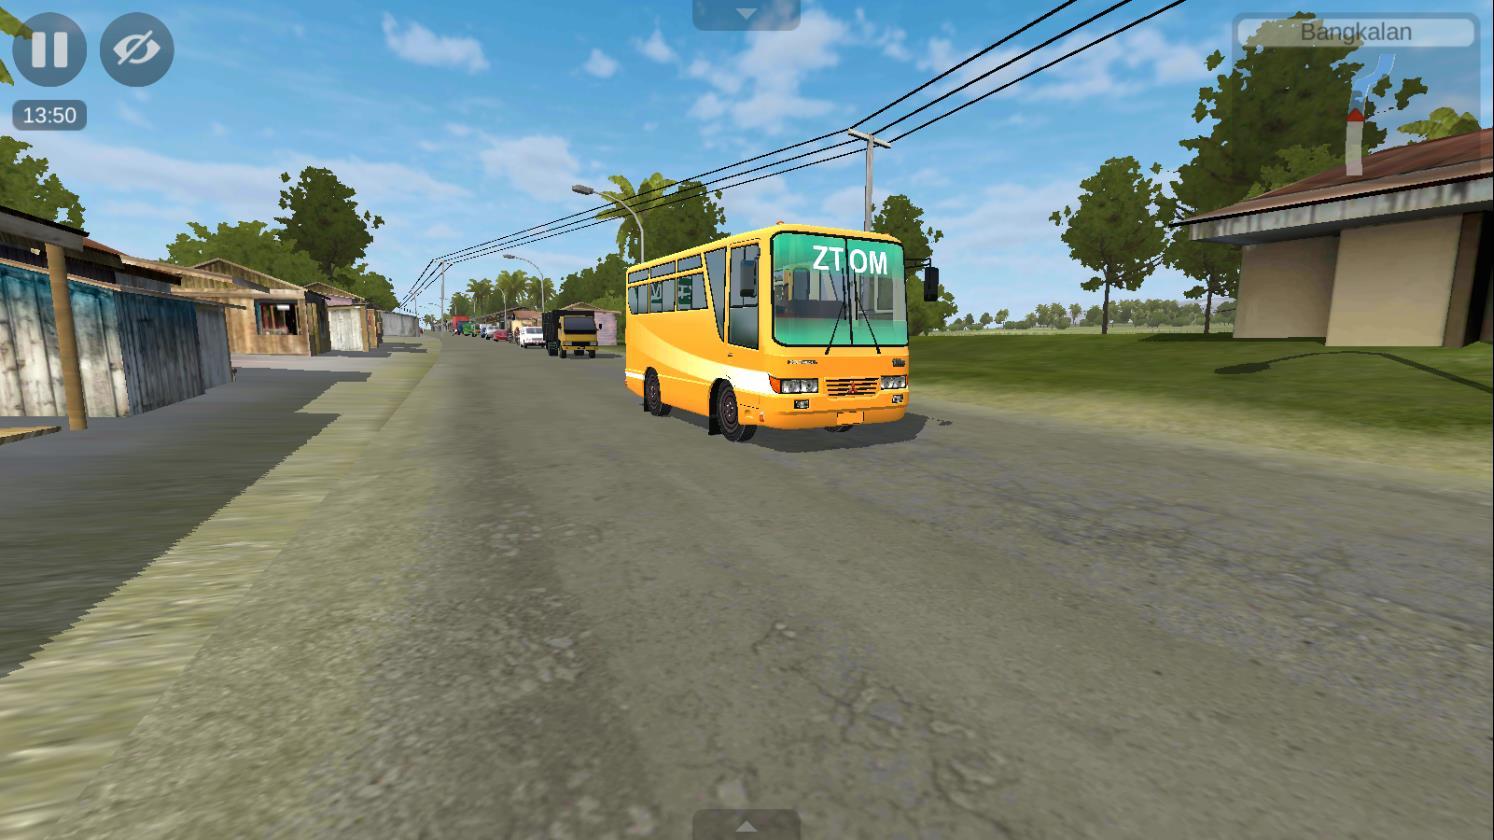 Bus Simulator Indonésia: Mod Bus Engkel com todas as animações!